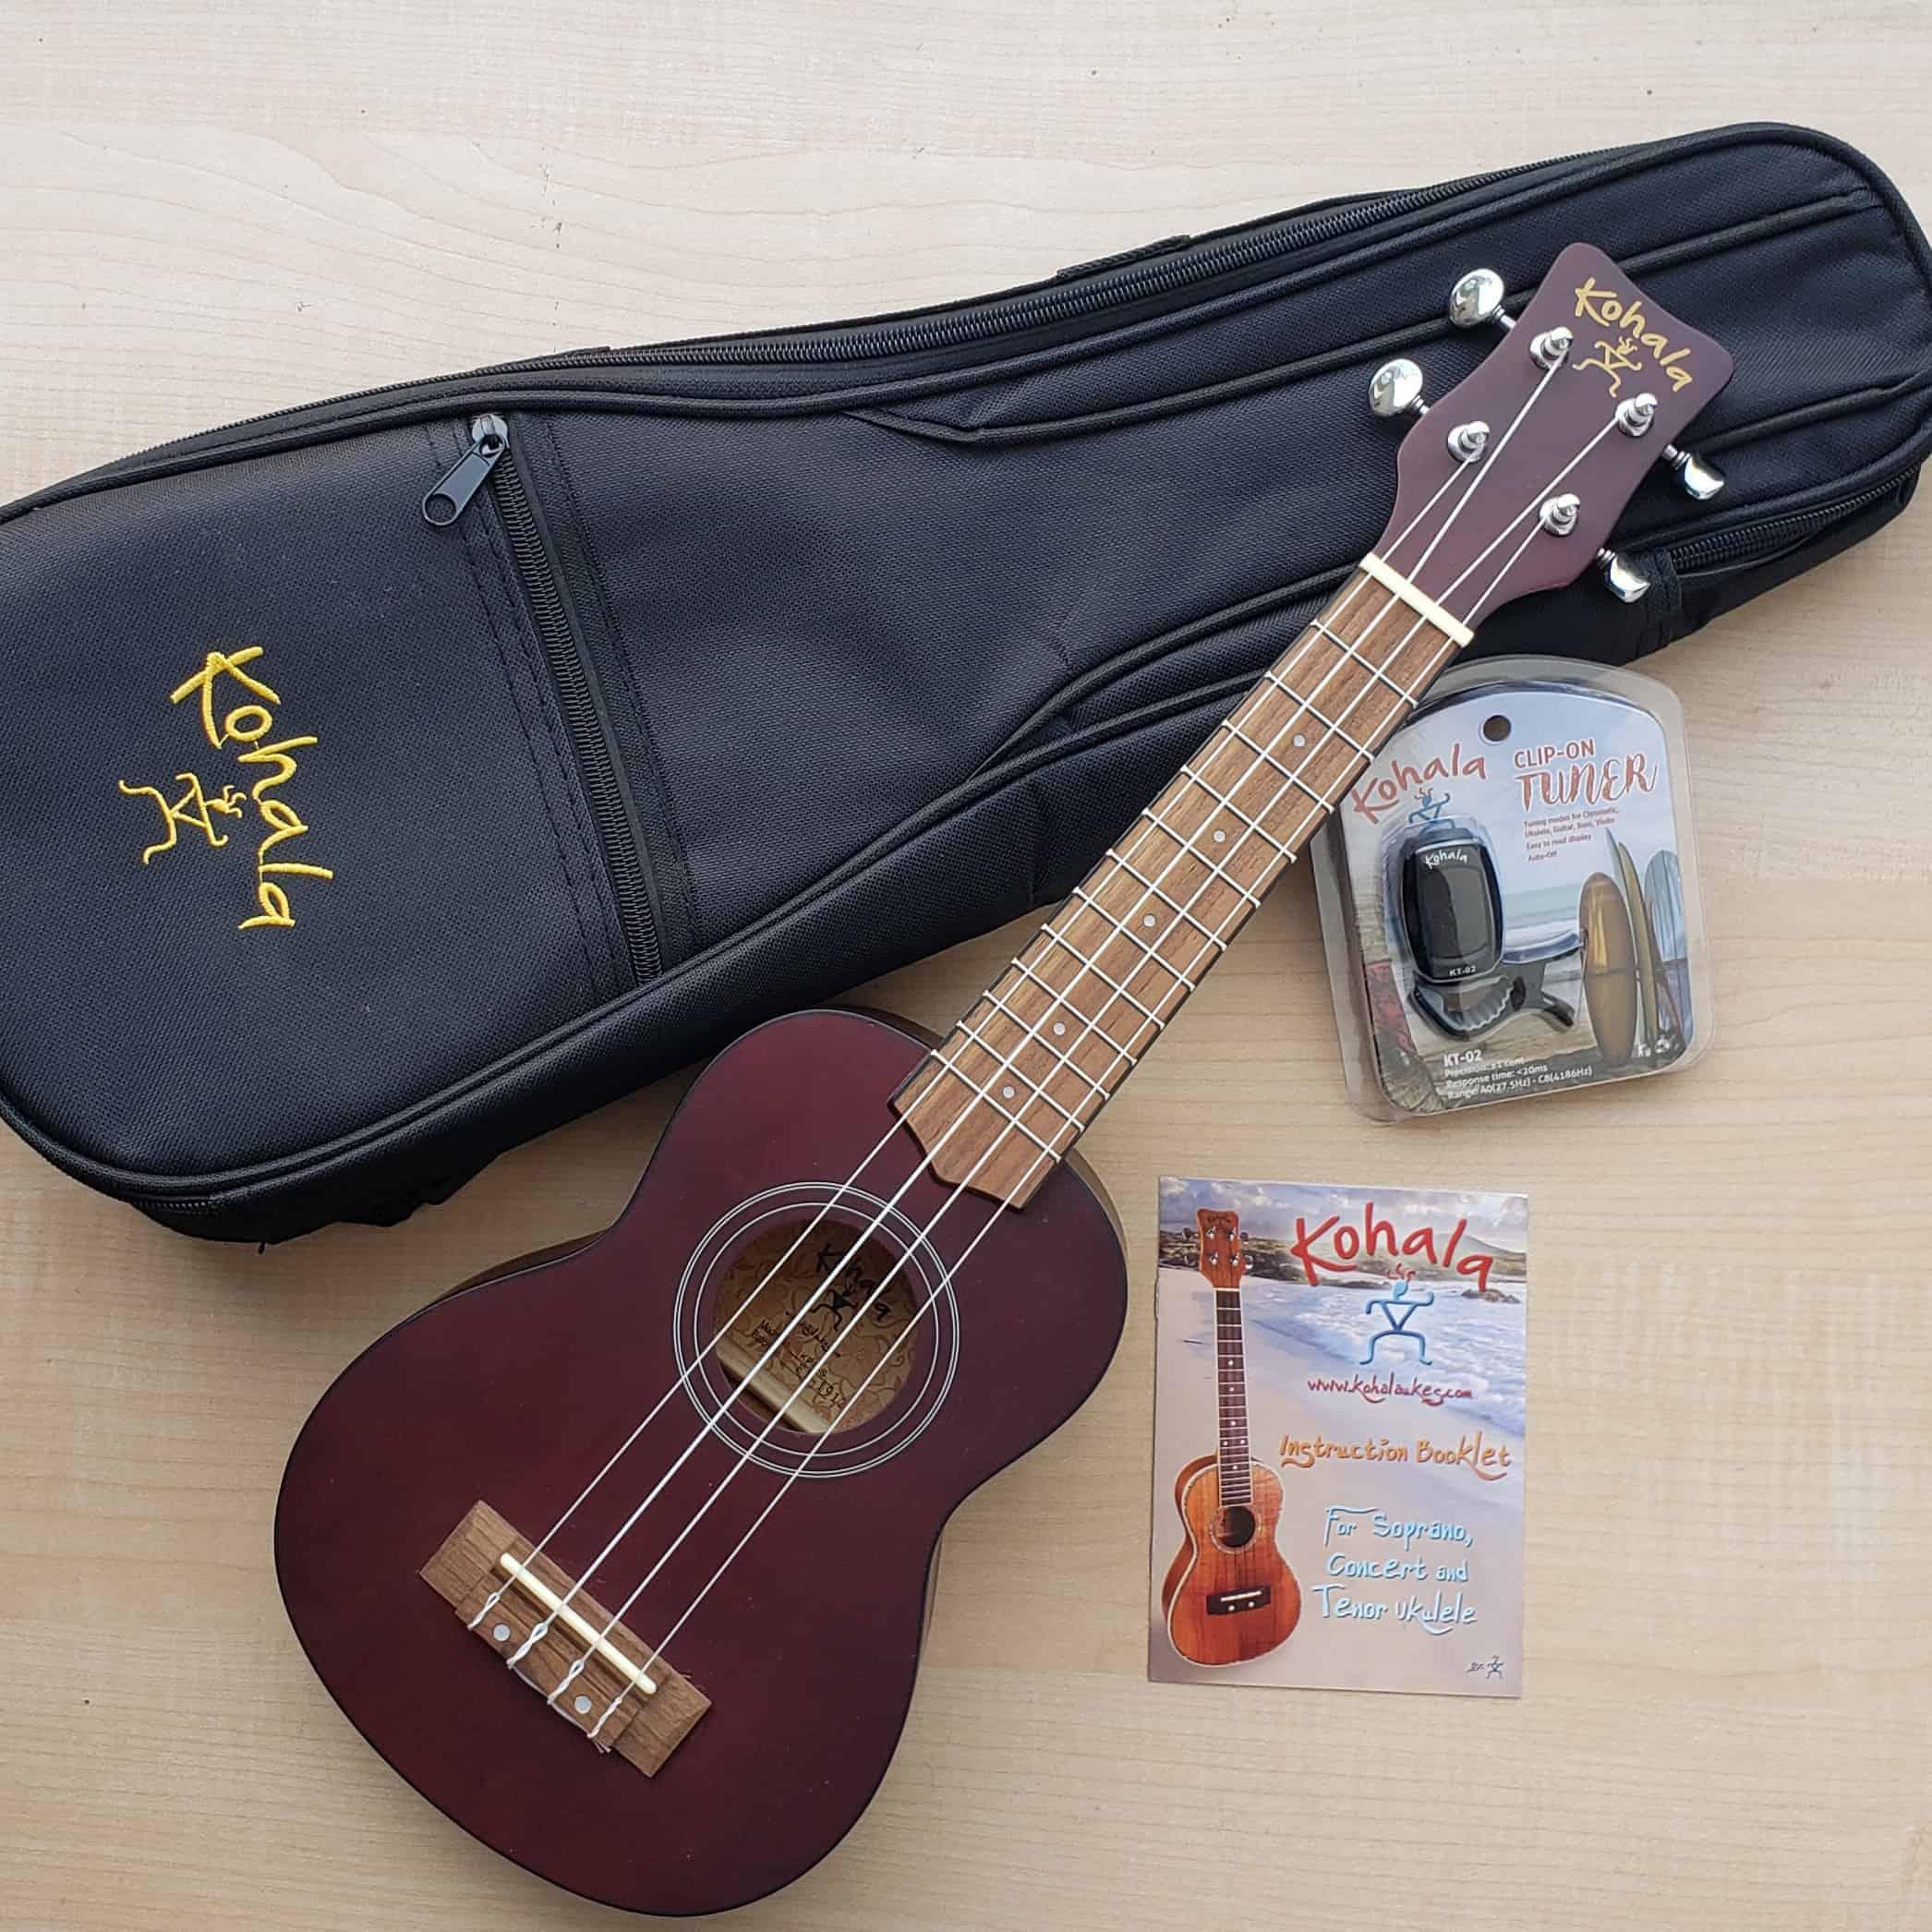 Kohala Soprano ukulele player pack with gig bag and tuner